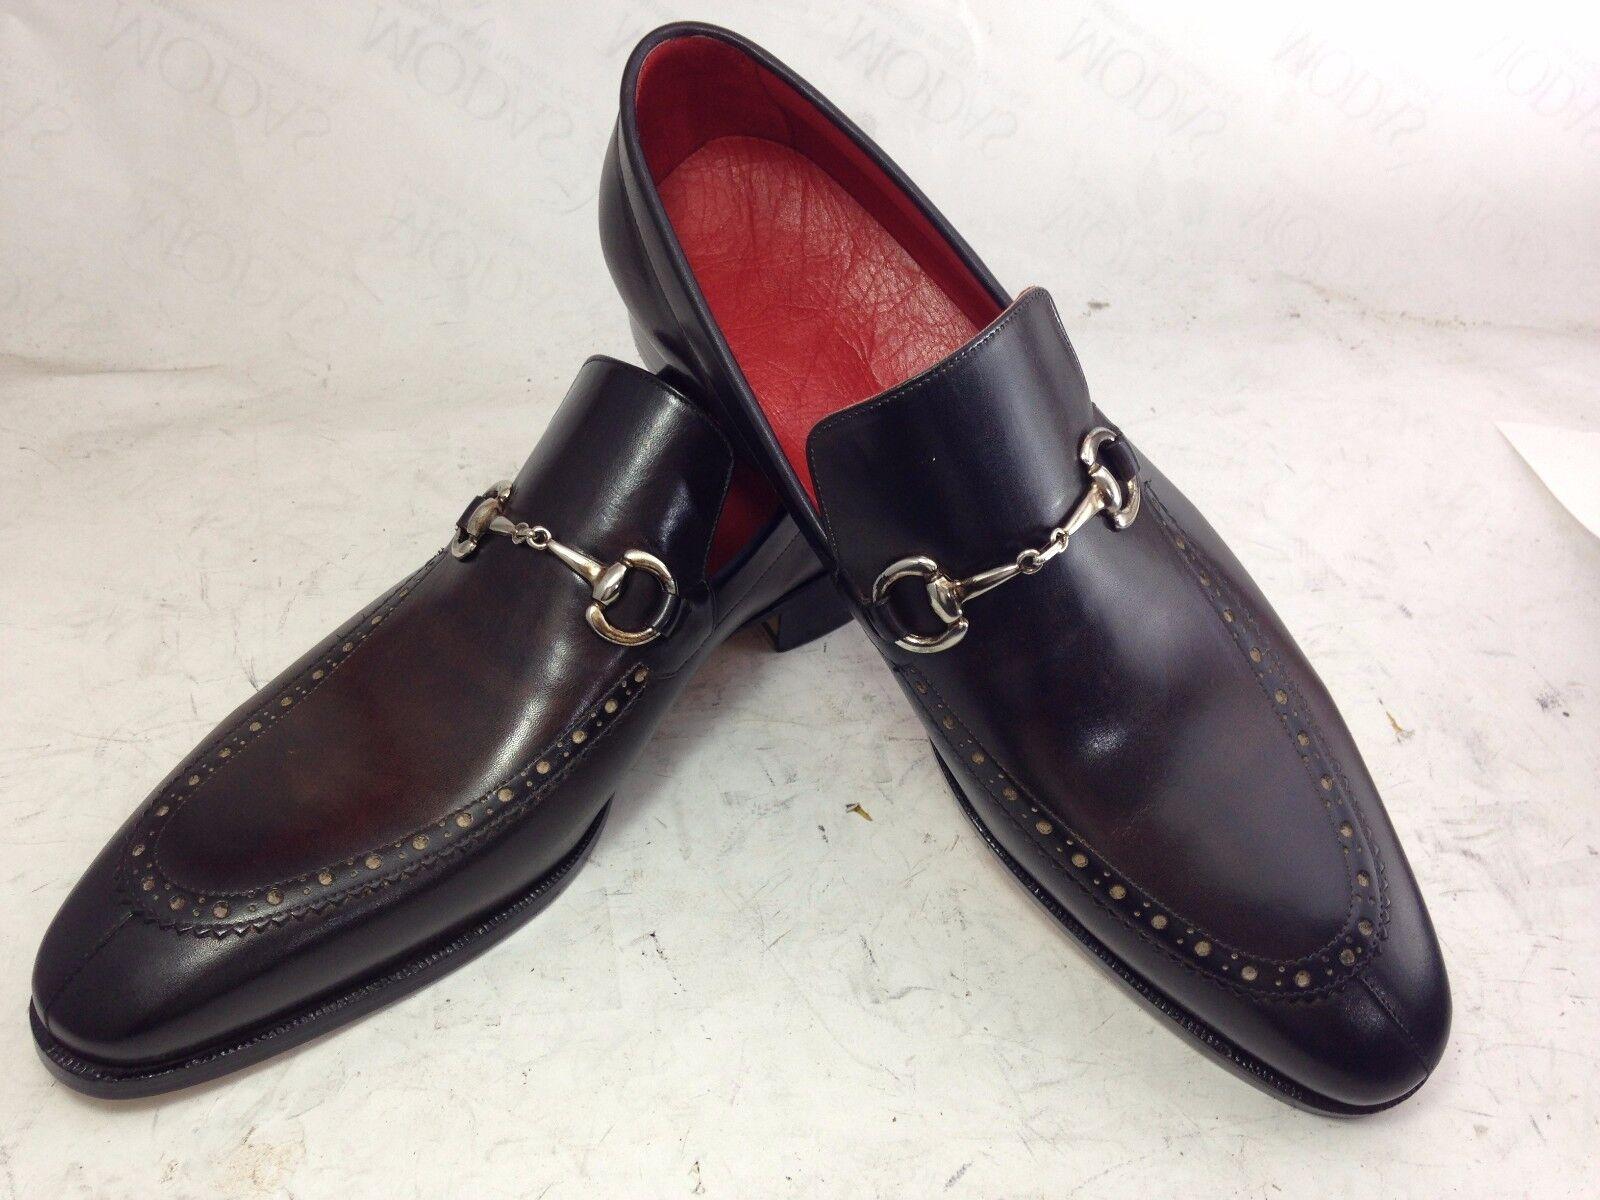 Made to Order HANDMADE Shoes.Custom order shoes. PERFECT Quaility Scarpe classiche da uomo